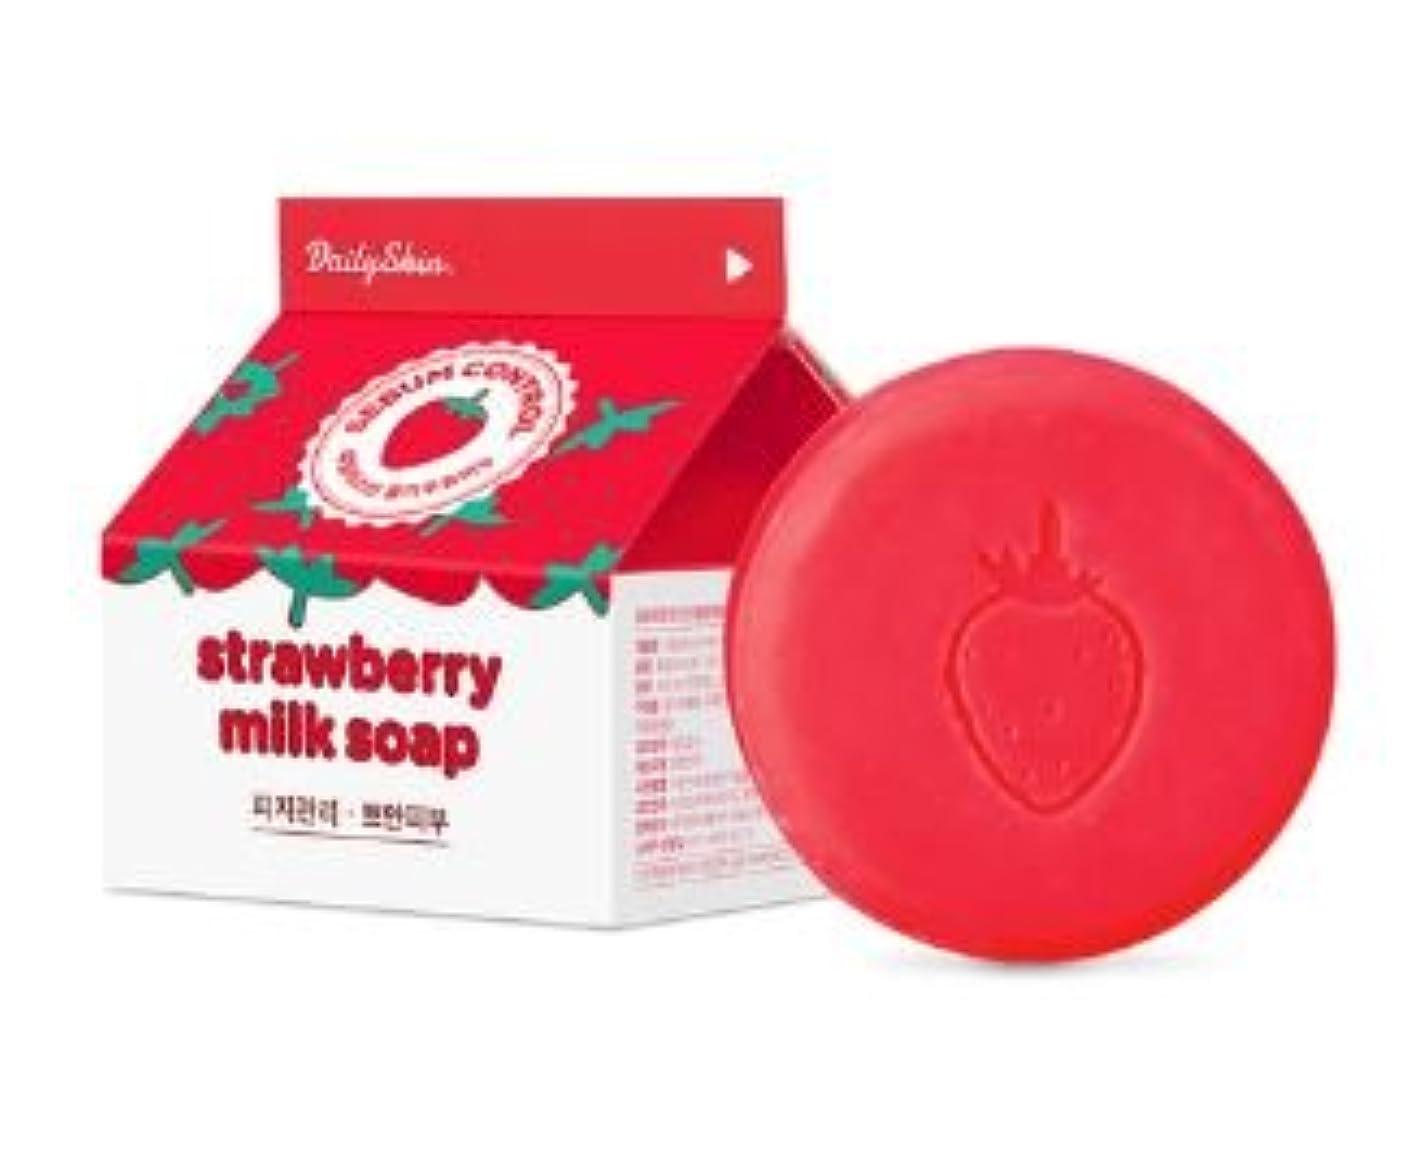 ジャングル機構サーバント[Renewal?] Daily Skin Strawberry Milk Soap 100g/デイリースキン ストロベリー ミルク ソープ 100g [並行輸入品]